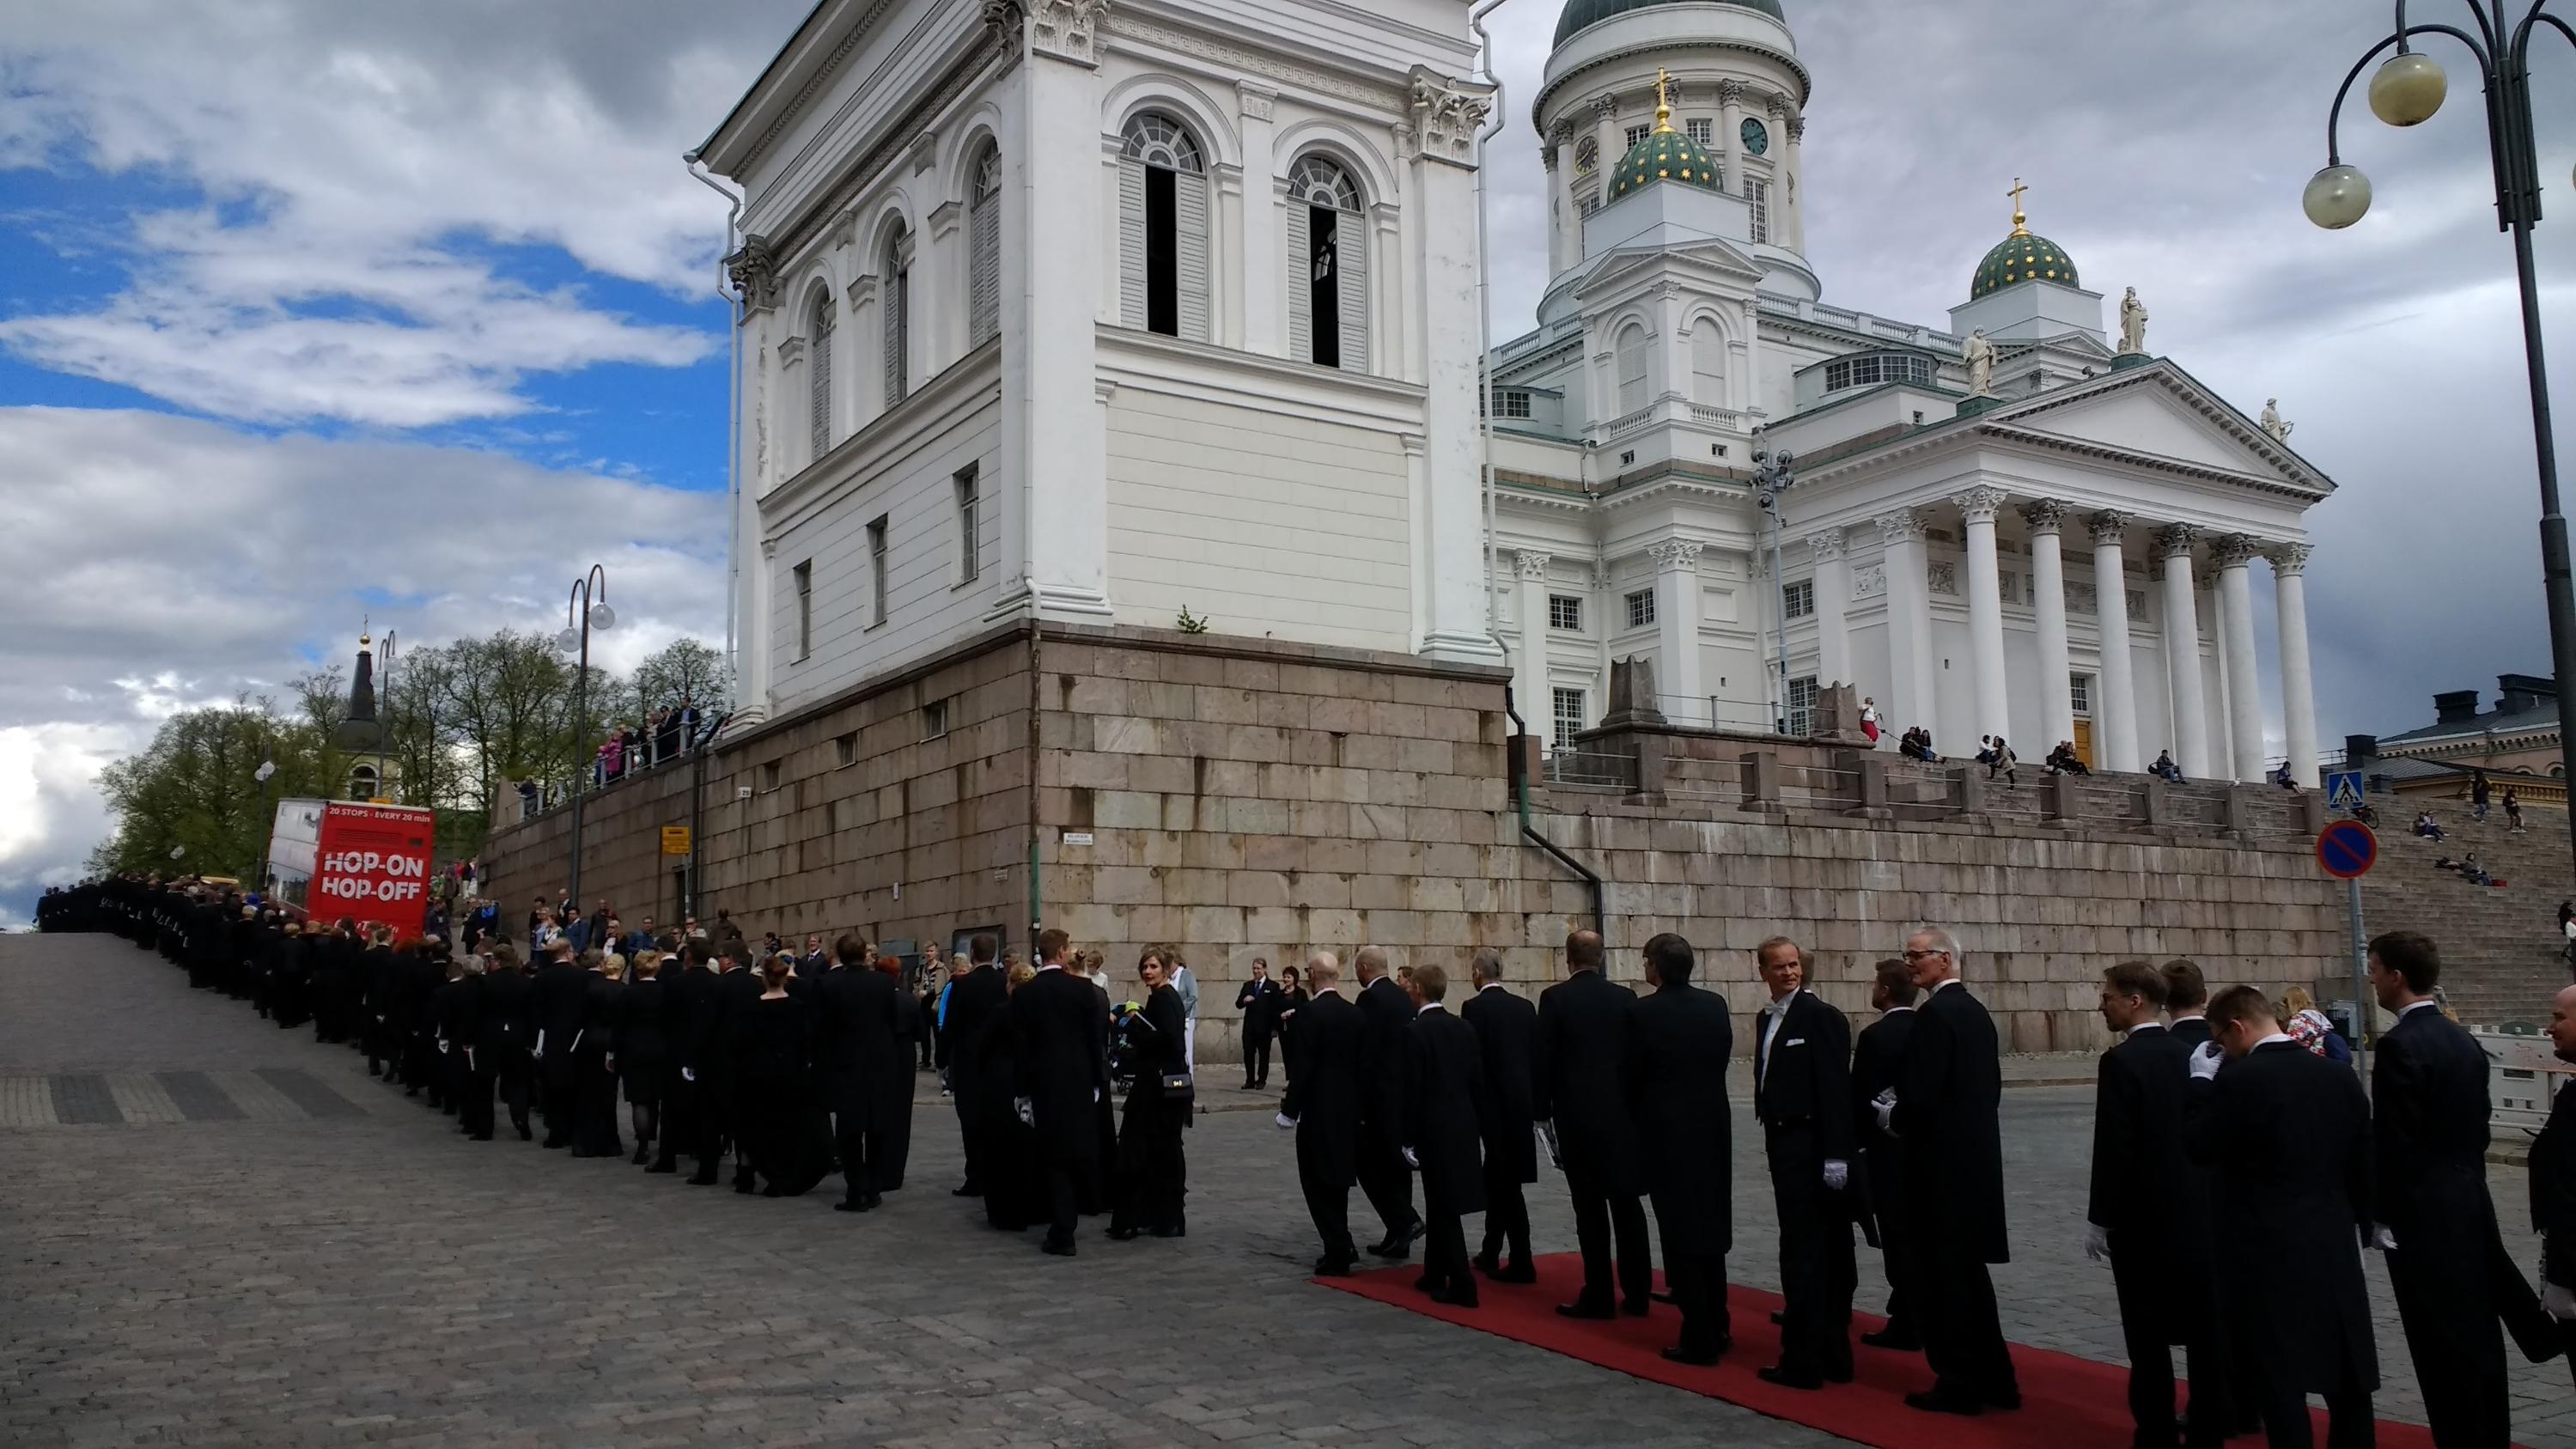 Церемония награждения выпускников Университета Хельсинки. Форму не выдают, обычно берут в аренду или покупают<br>